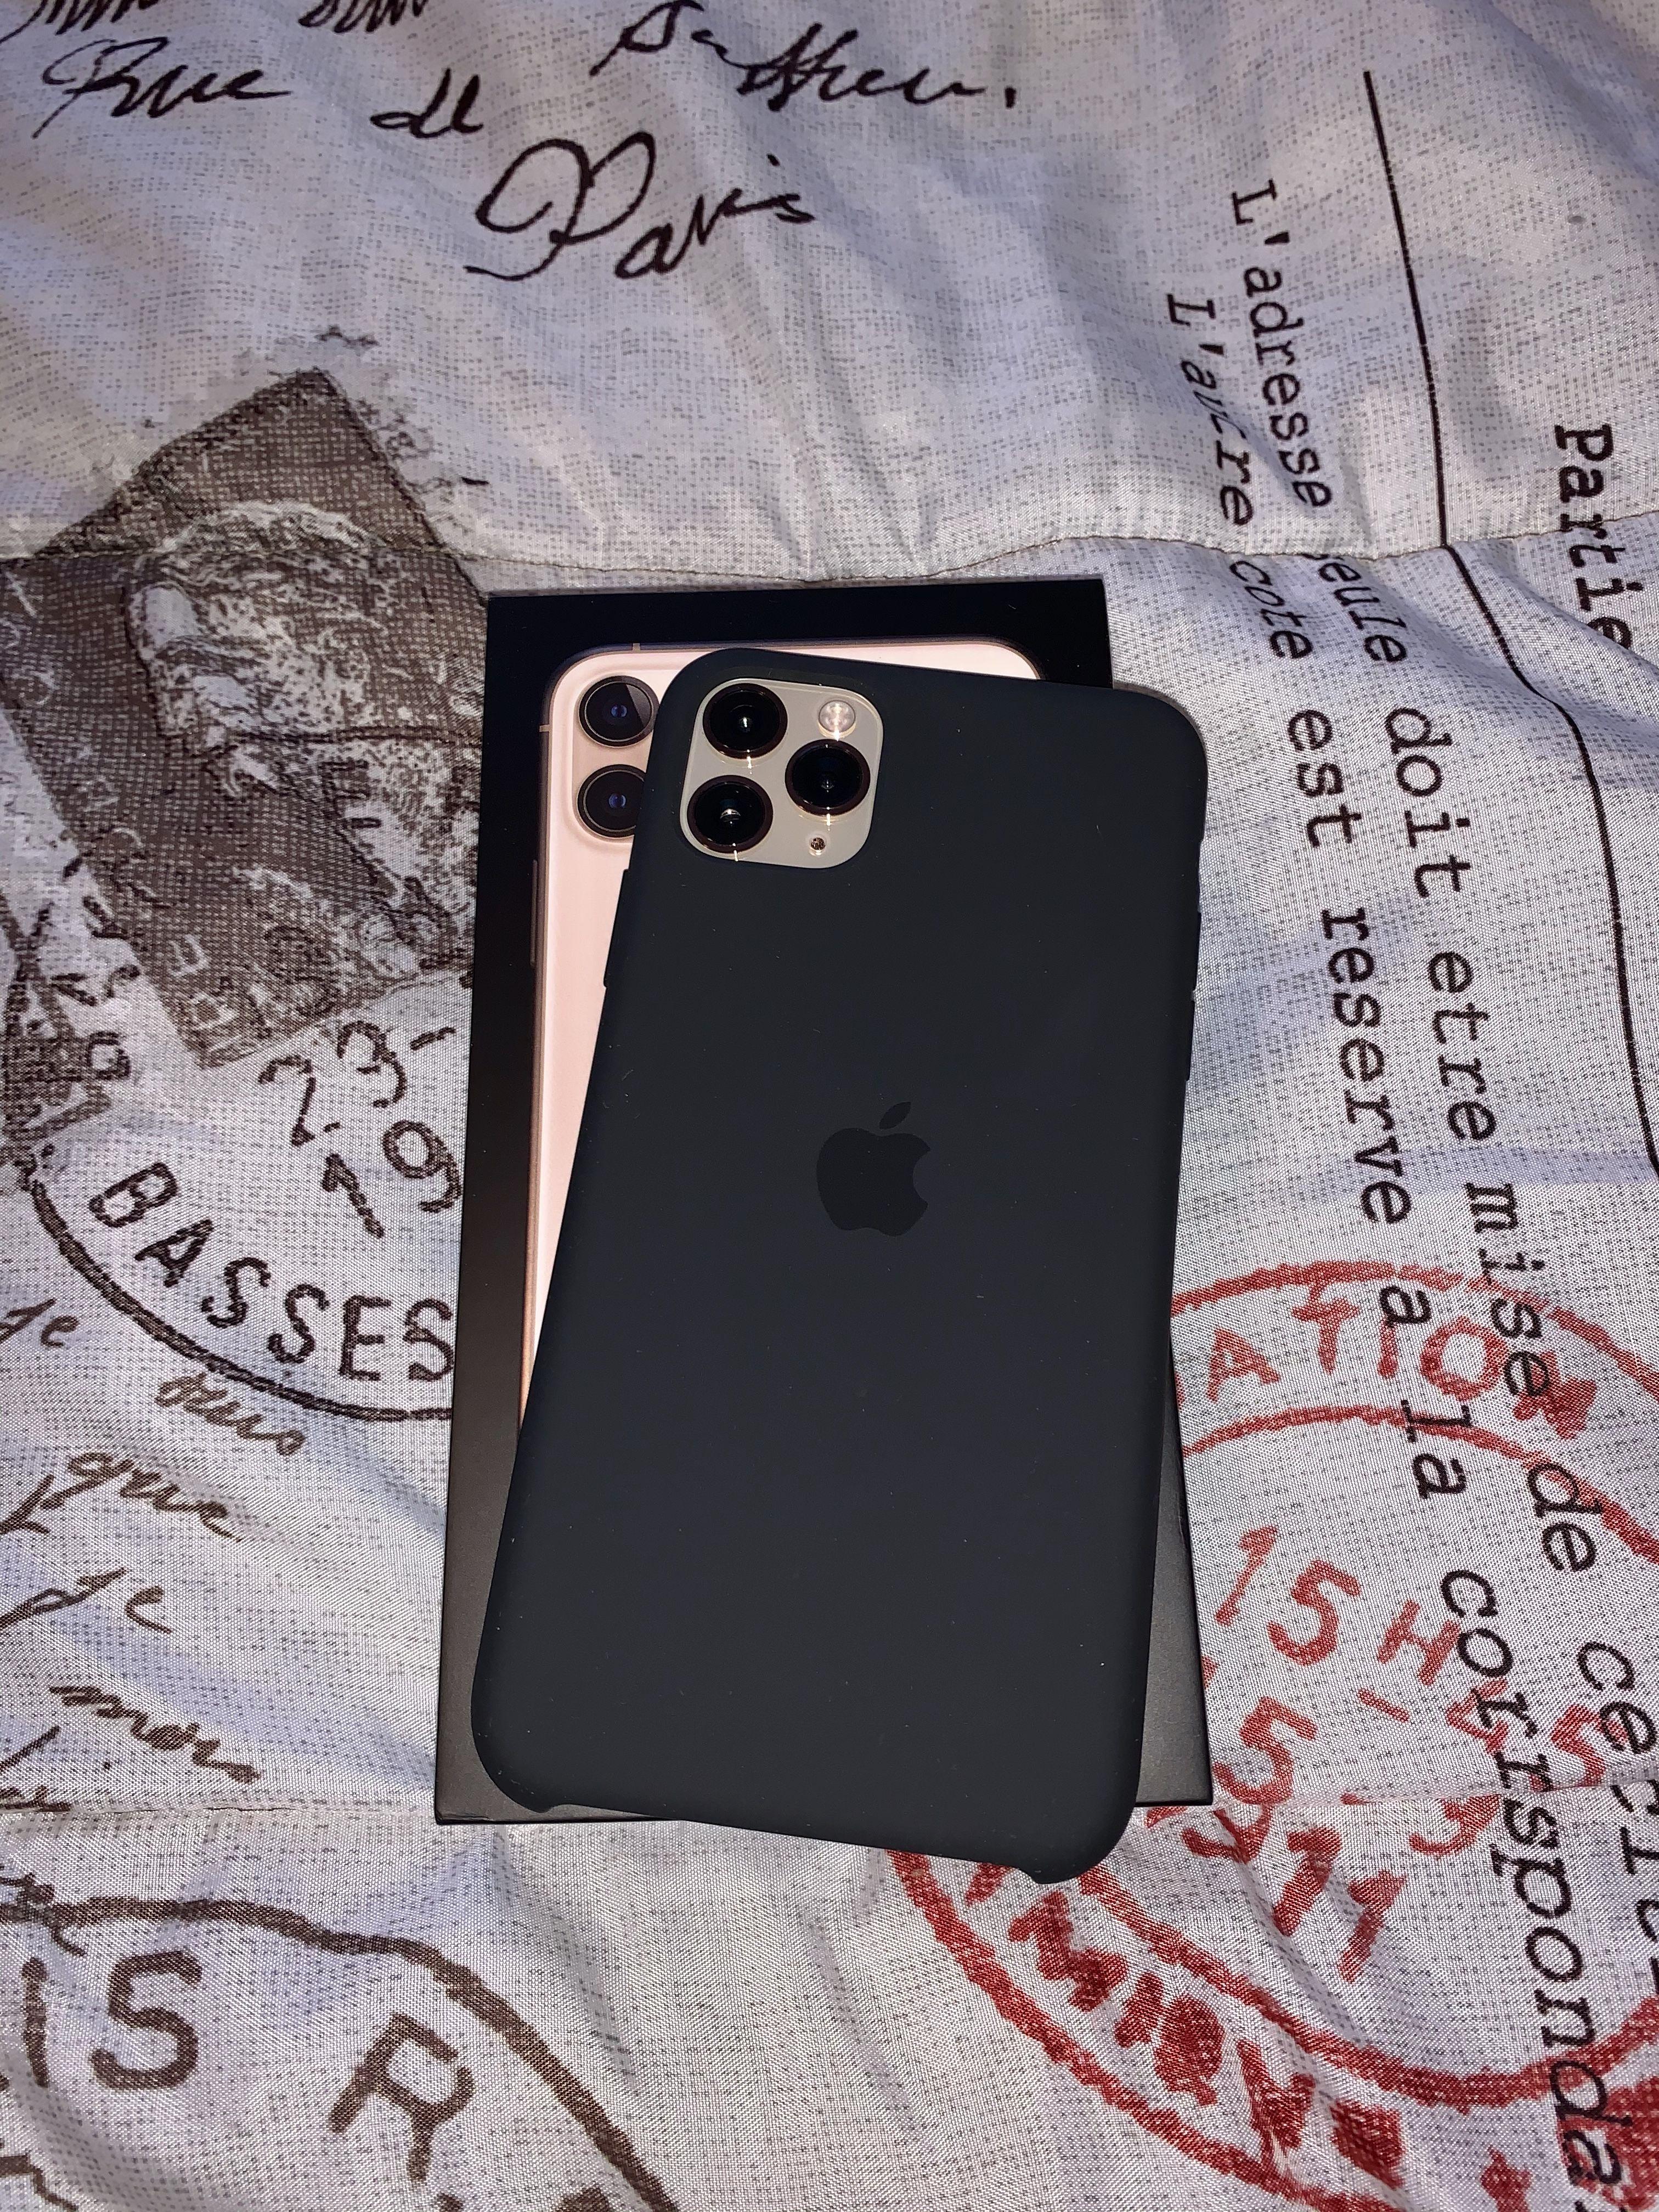 Iphone 11 Pro Max With Apple Silicone Case Di 2020 Wallpaper Lucu Lucu